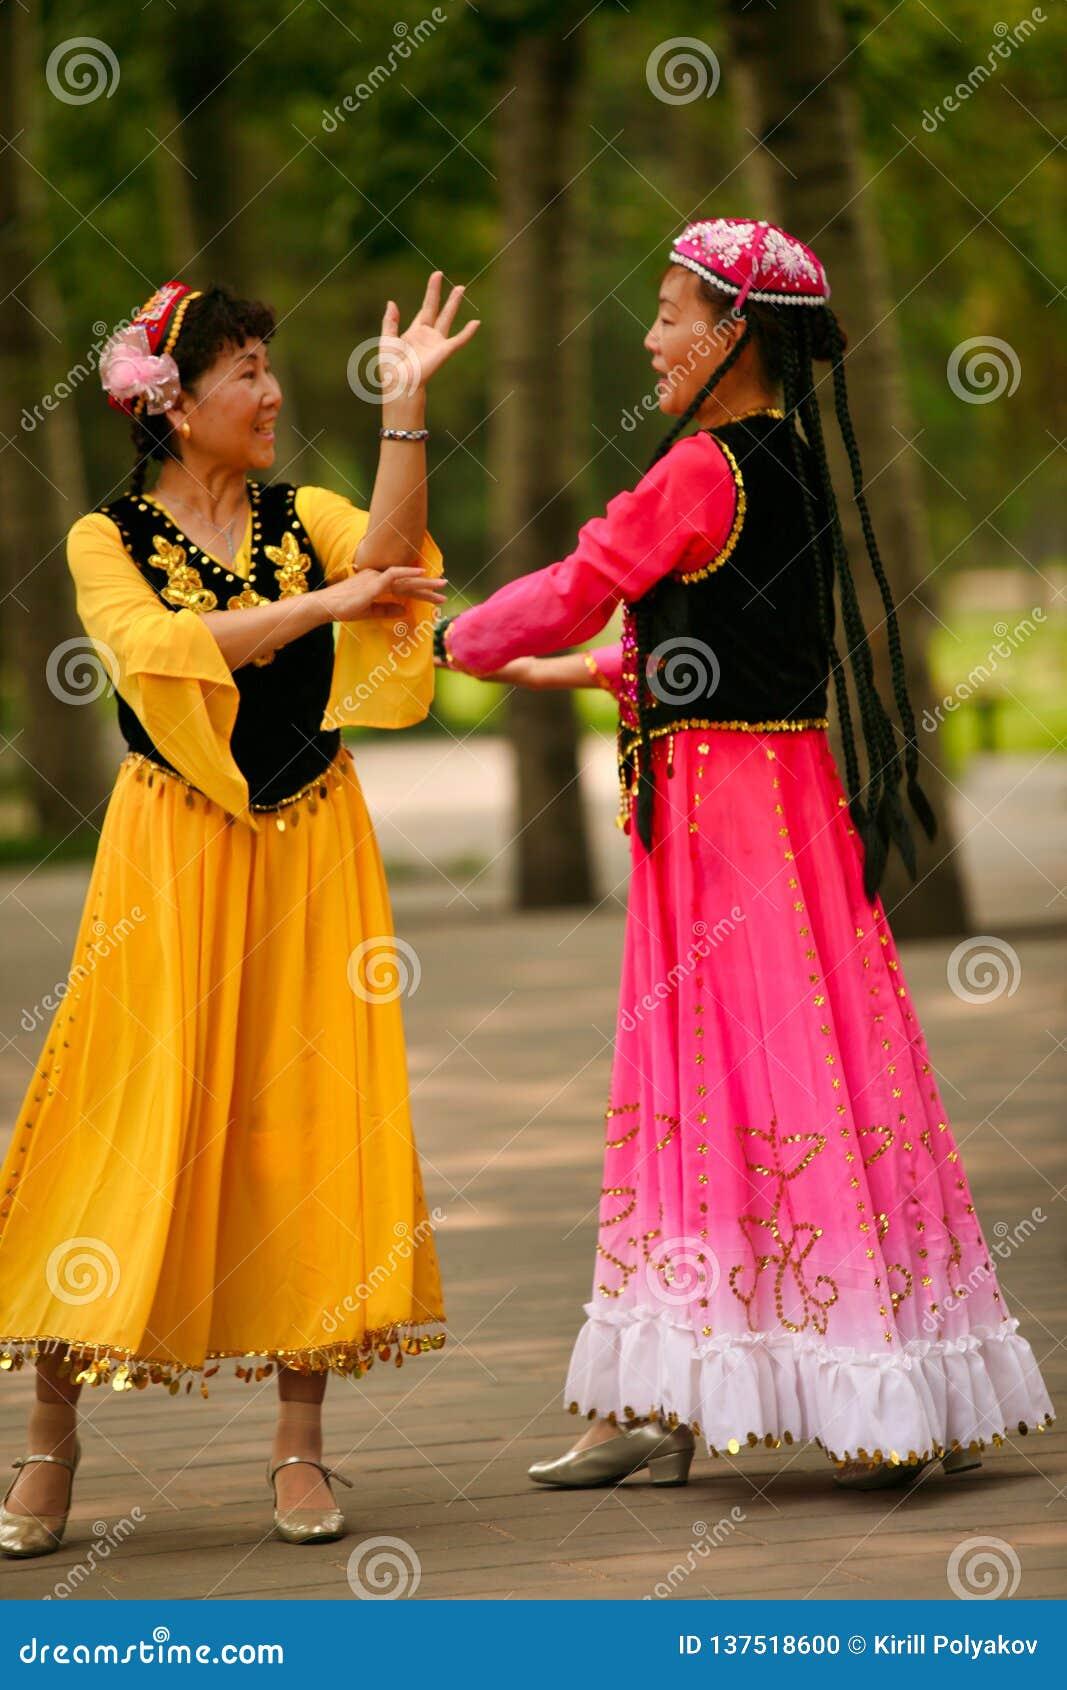 Пекин, Китай 07 06 2018 2 счастливых женщин в ярких платьях танцуют в парке